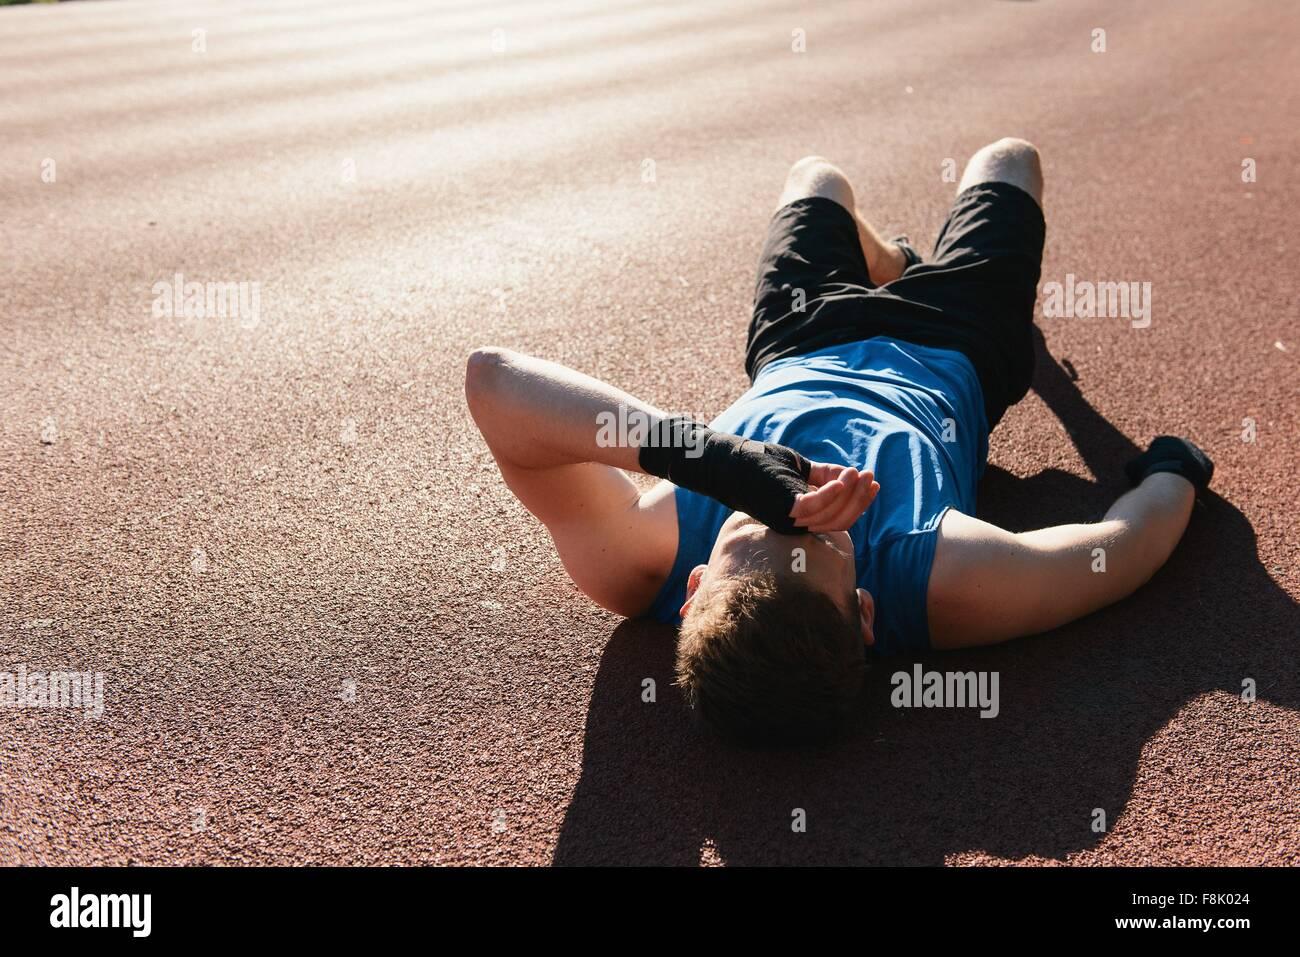 Joven en el exterior, tomando un descanso después del ejercicio Imagen De Stock